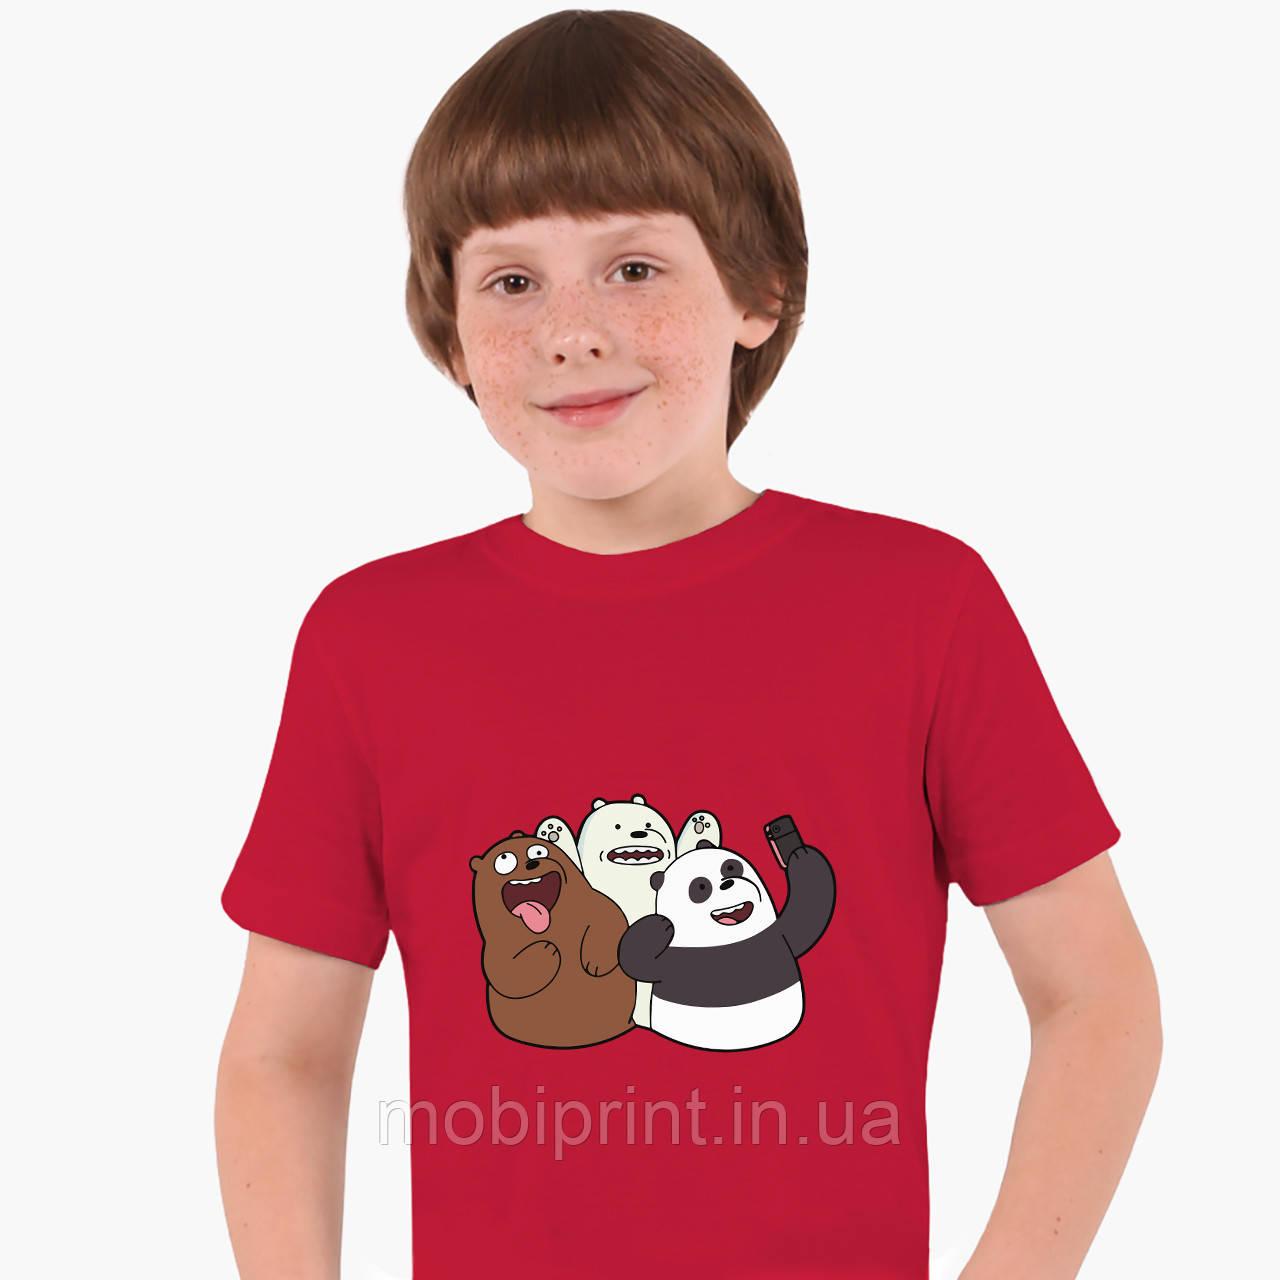 Дитяча футболка для хлопчиків Вся правда про ведмедів (We Bare Bears) (25186-2665-RD) Червоний